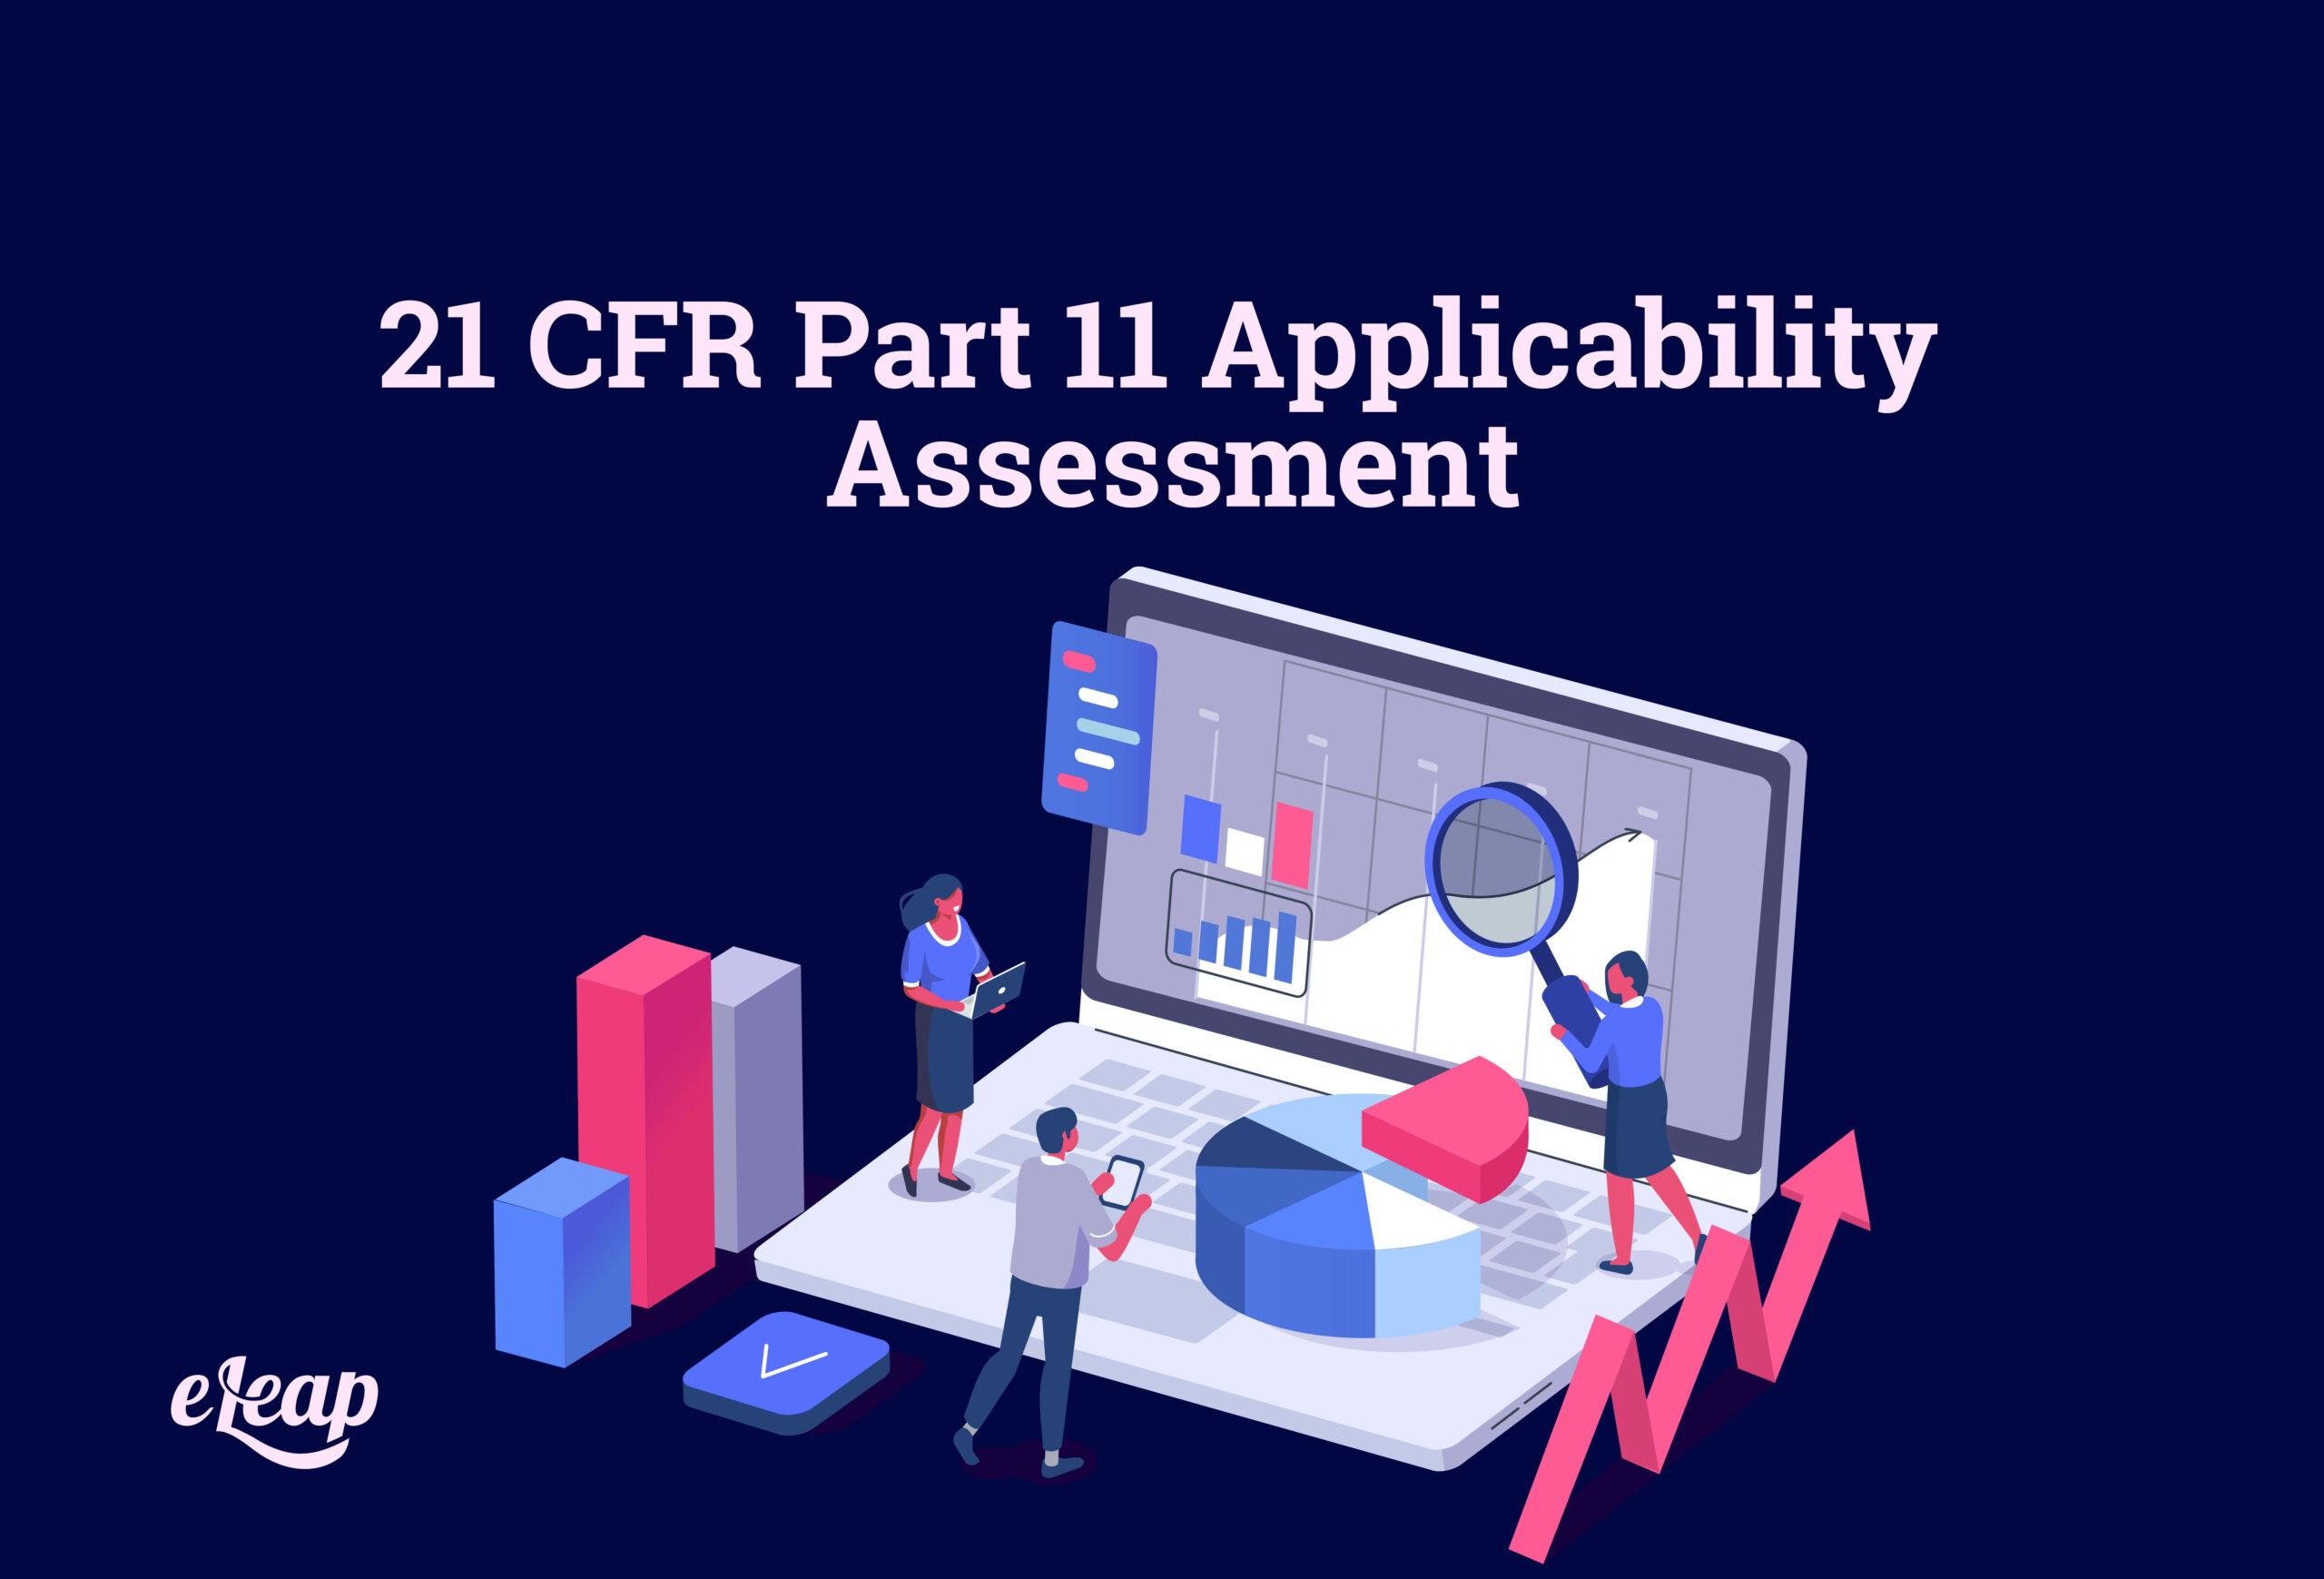 21 CFR Part 11 Applicability Assessment